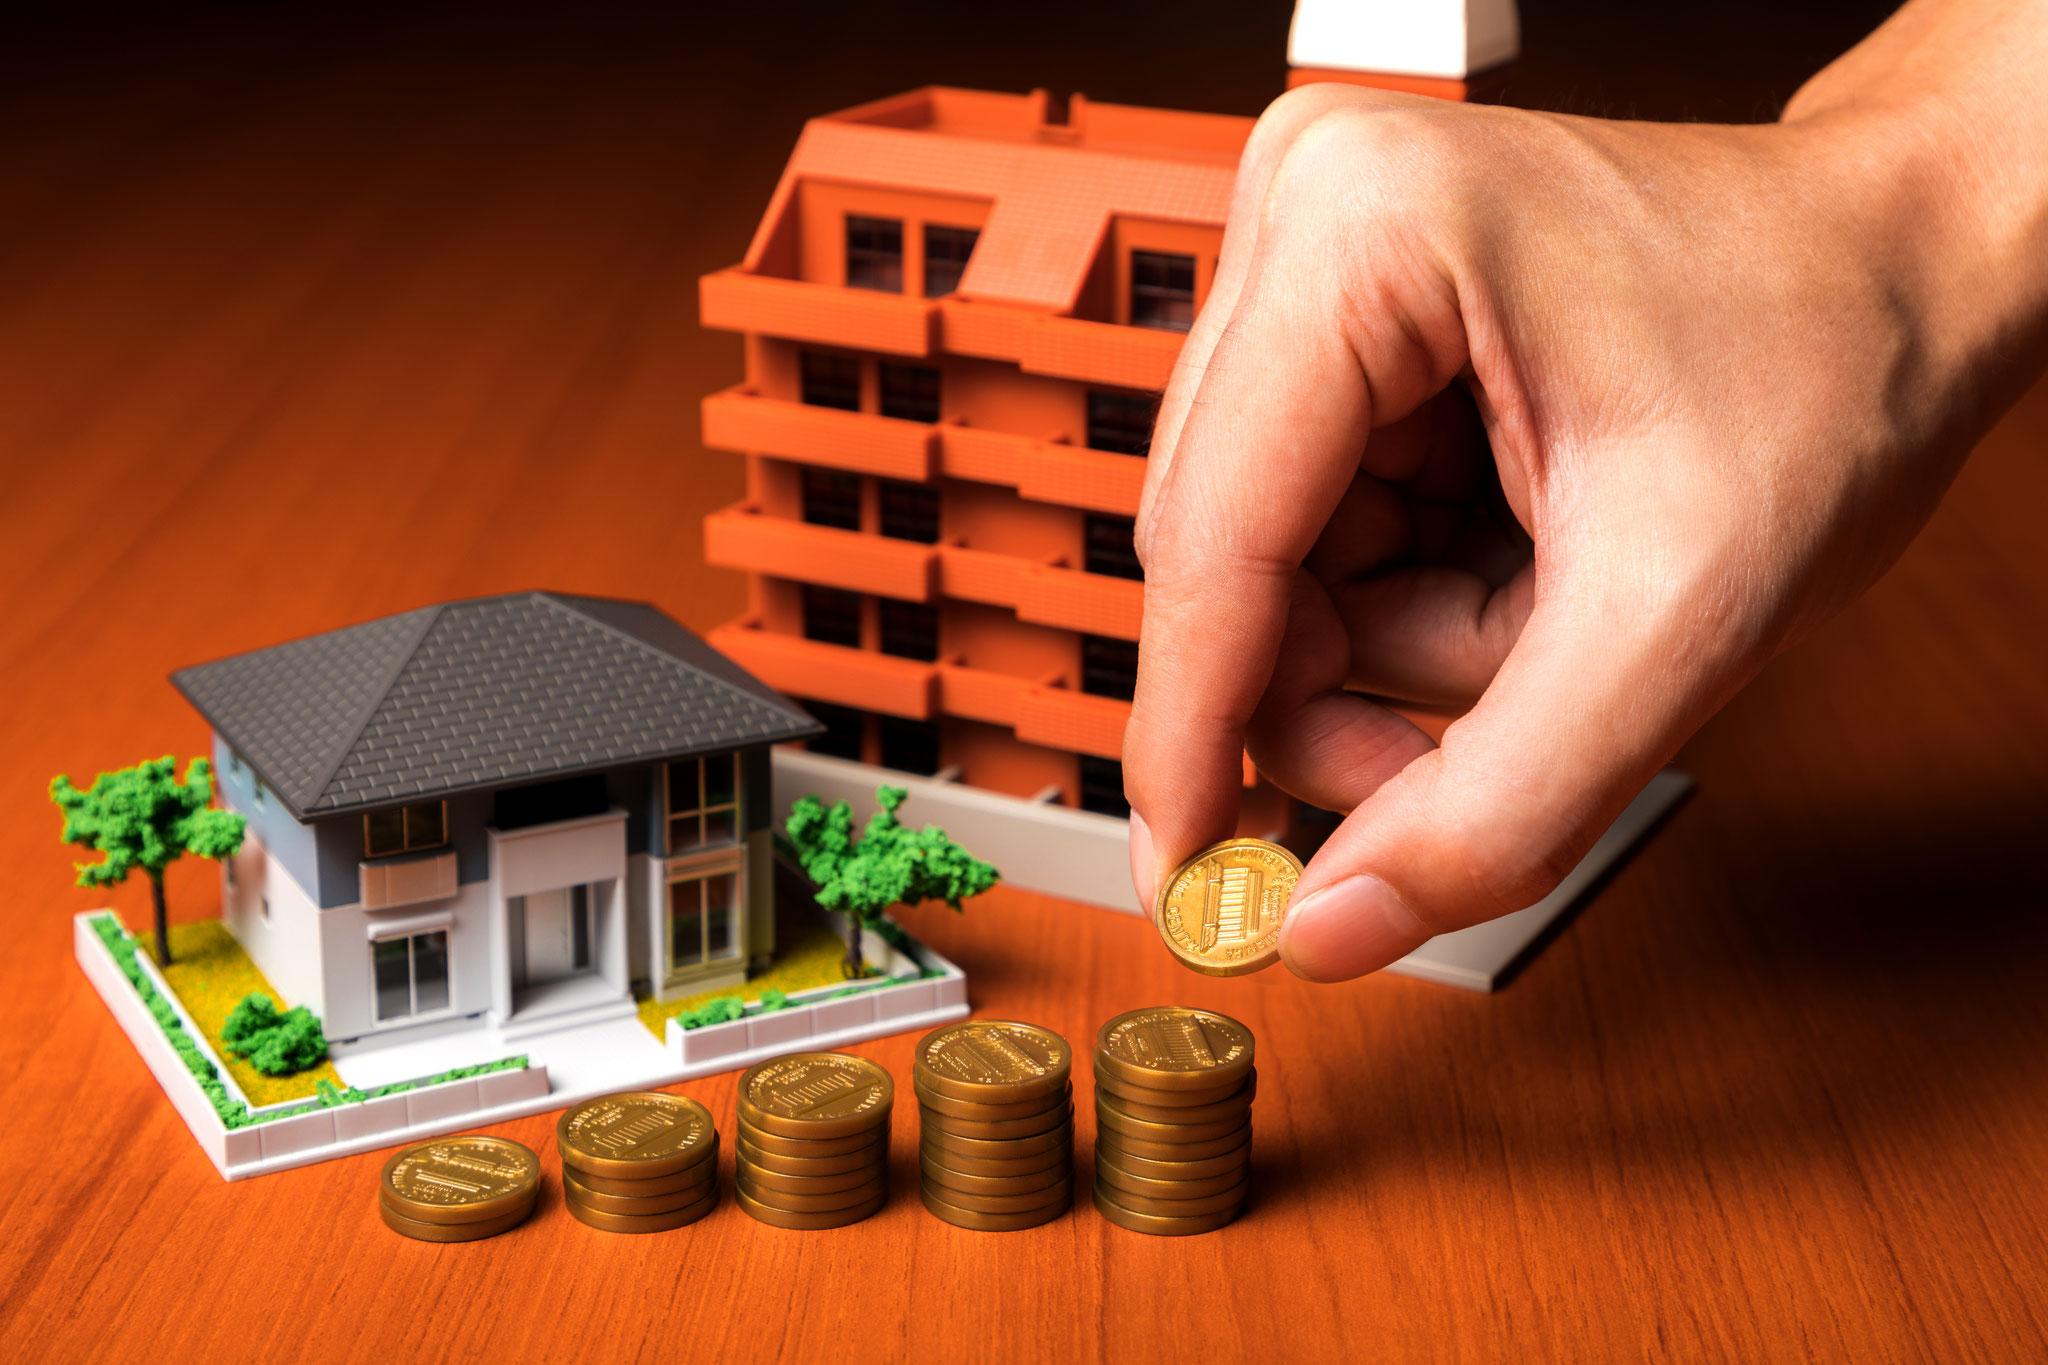 Finanzen, Finanzierungen, Versicherungen, Betriebs- und Bewirtschaftungskosten